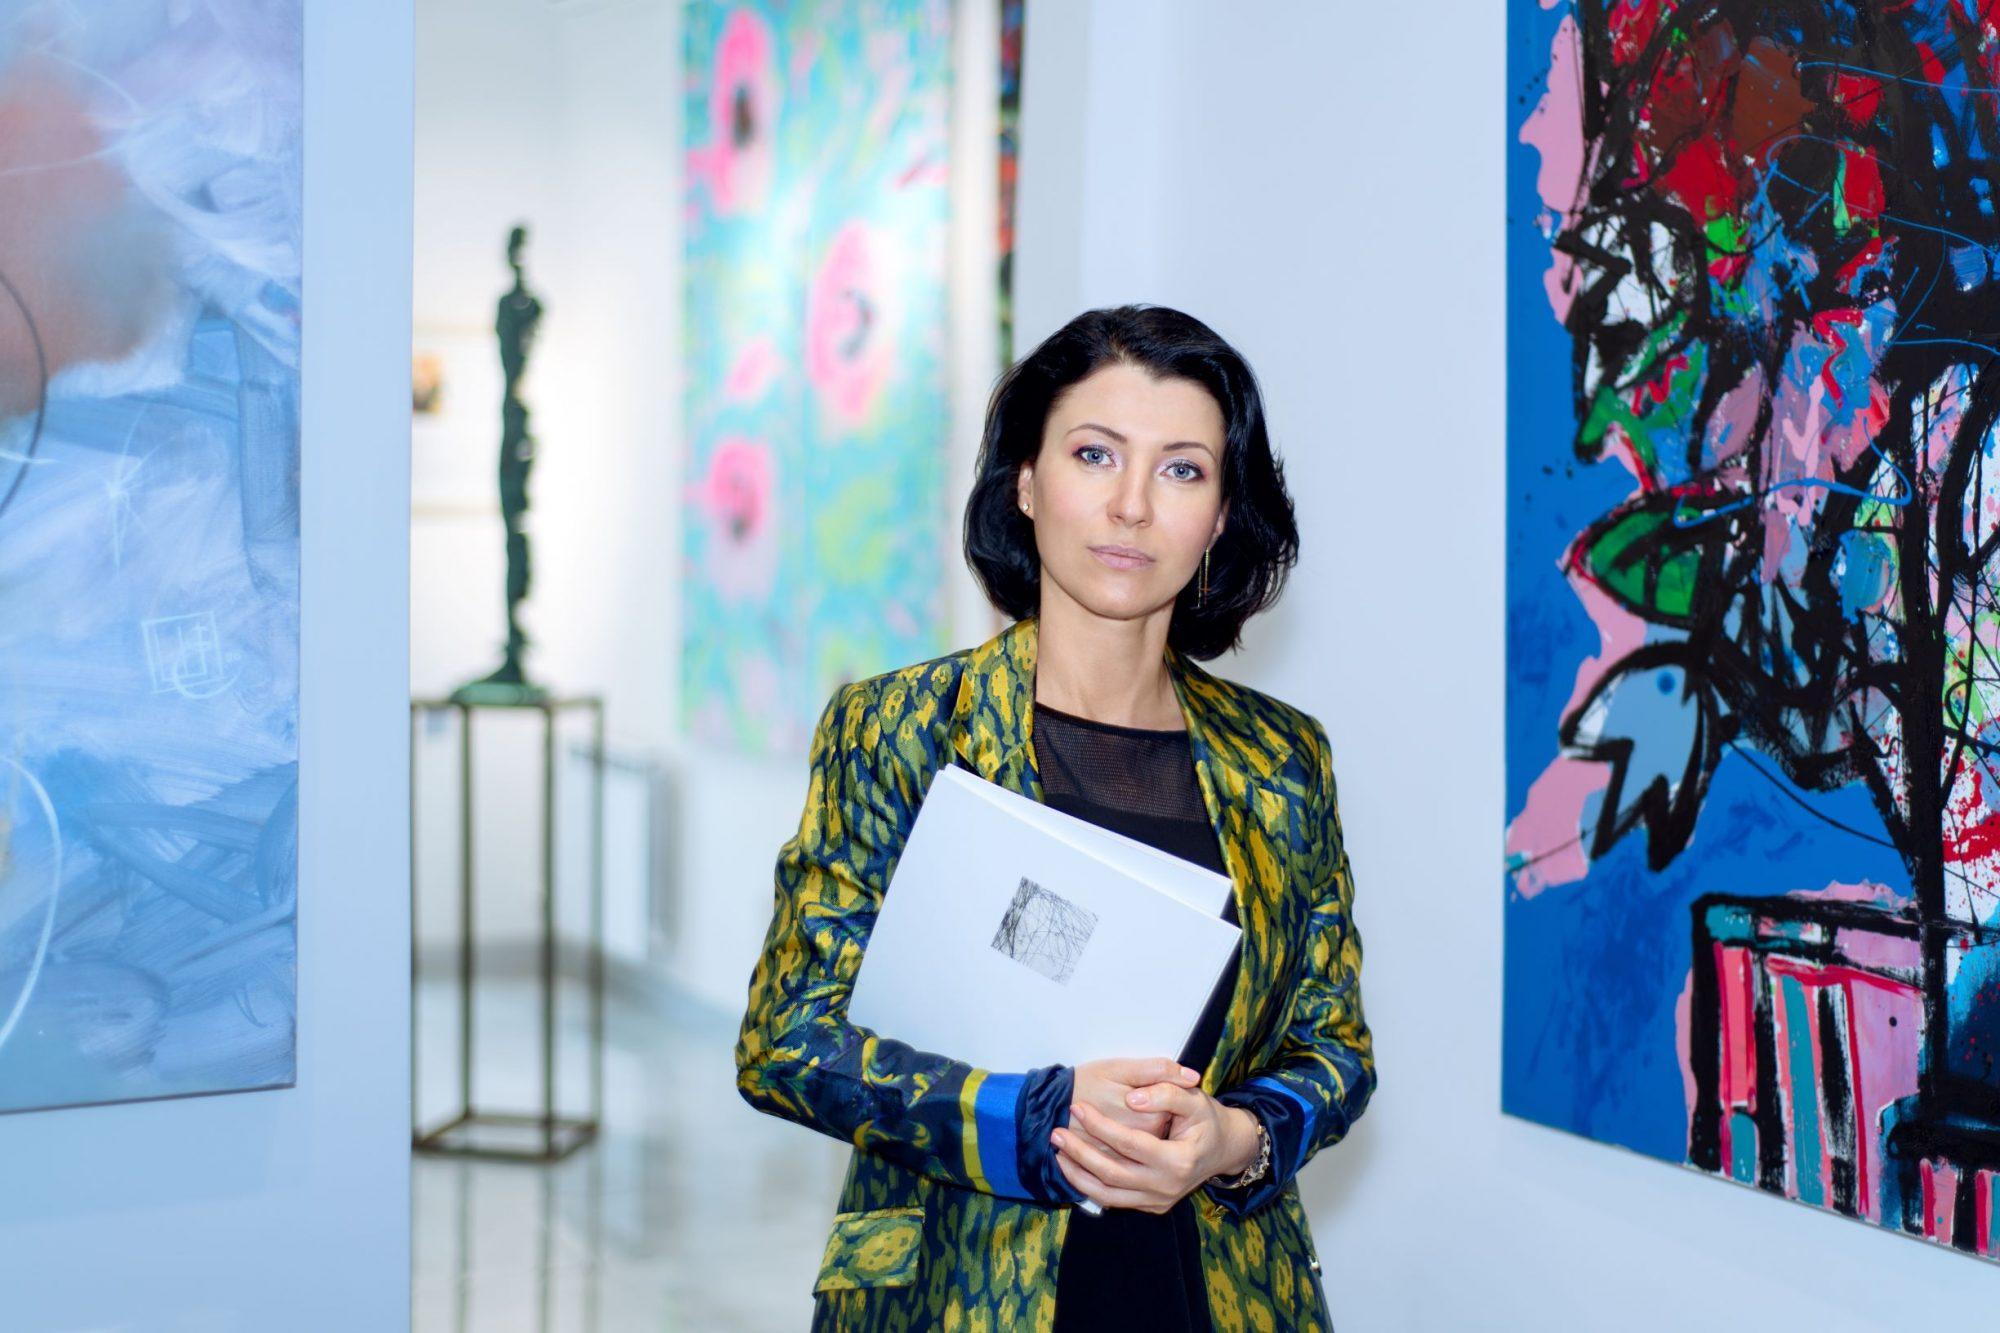 «Приобретая предметы искусства, мы даем шанс на жизнь и развитие культуры в Украине», - галеристка Виктория Кирисенко